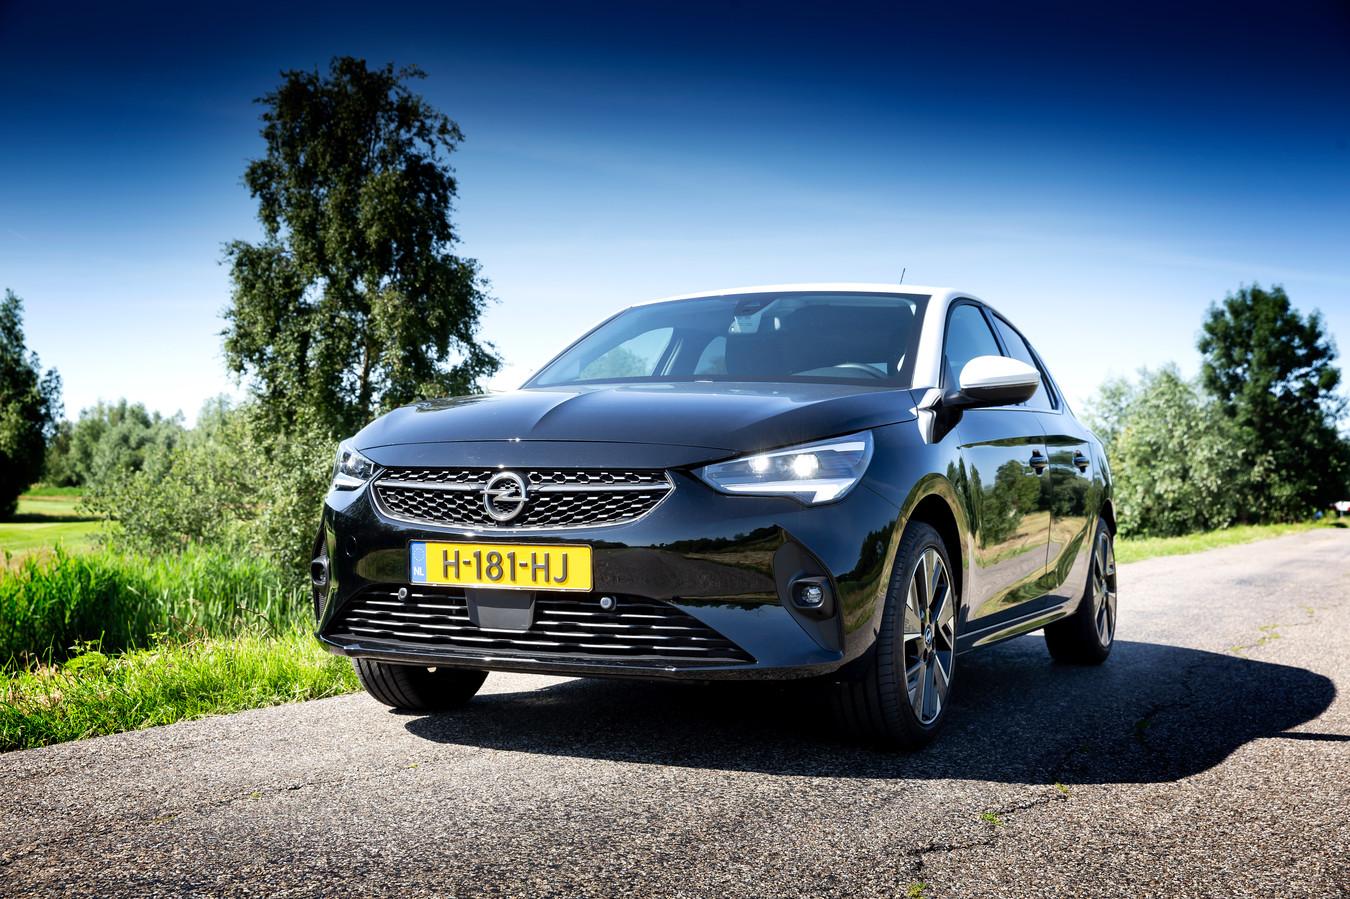 De Opel Corsa-e rijdt lekker vlot, maar het rijbereik, de zitruimte achterin en de bagageruimte lopen niet over.